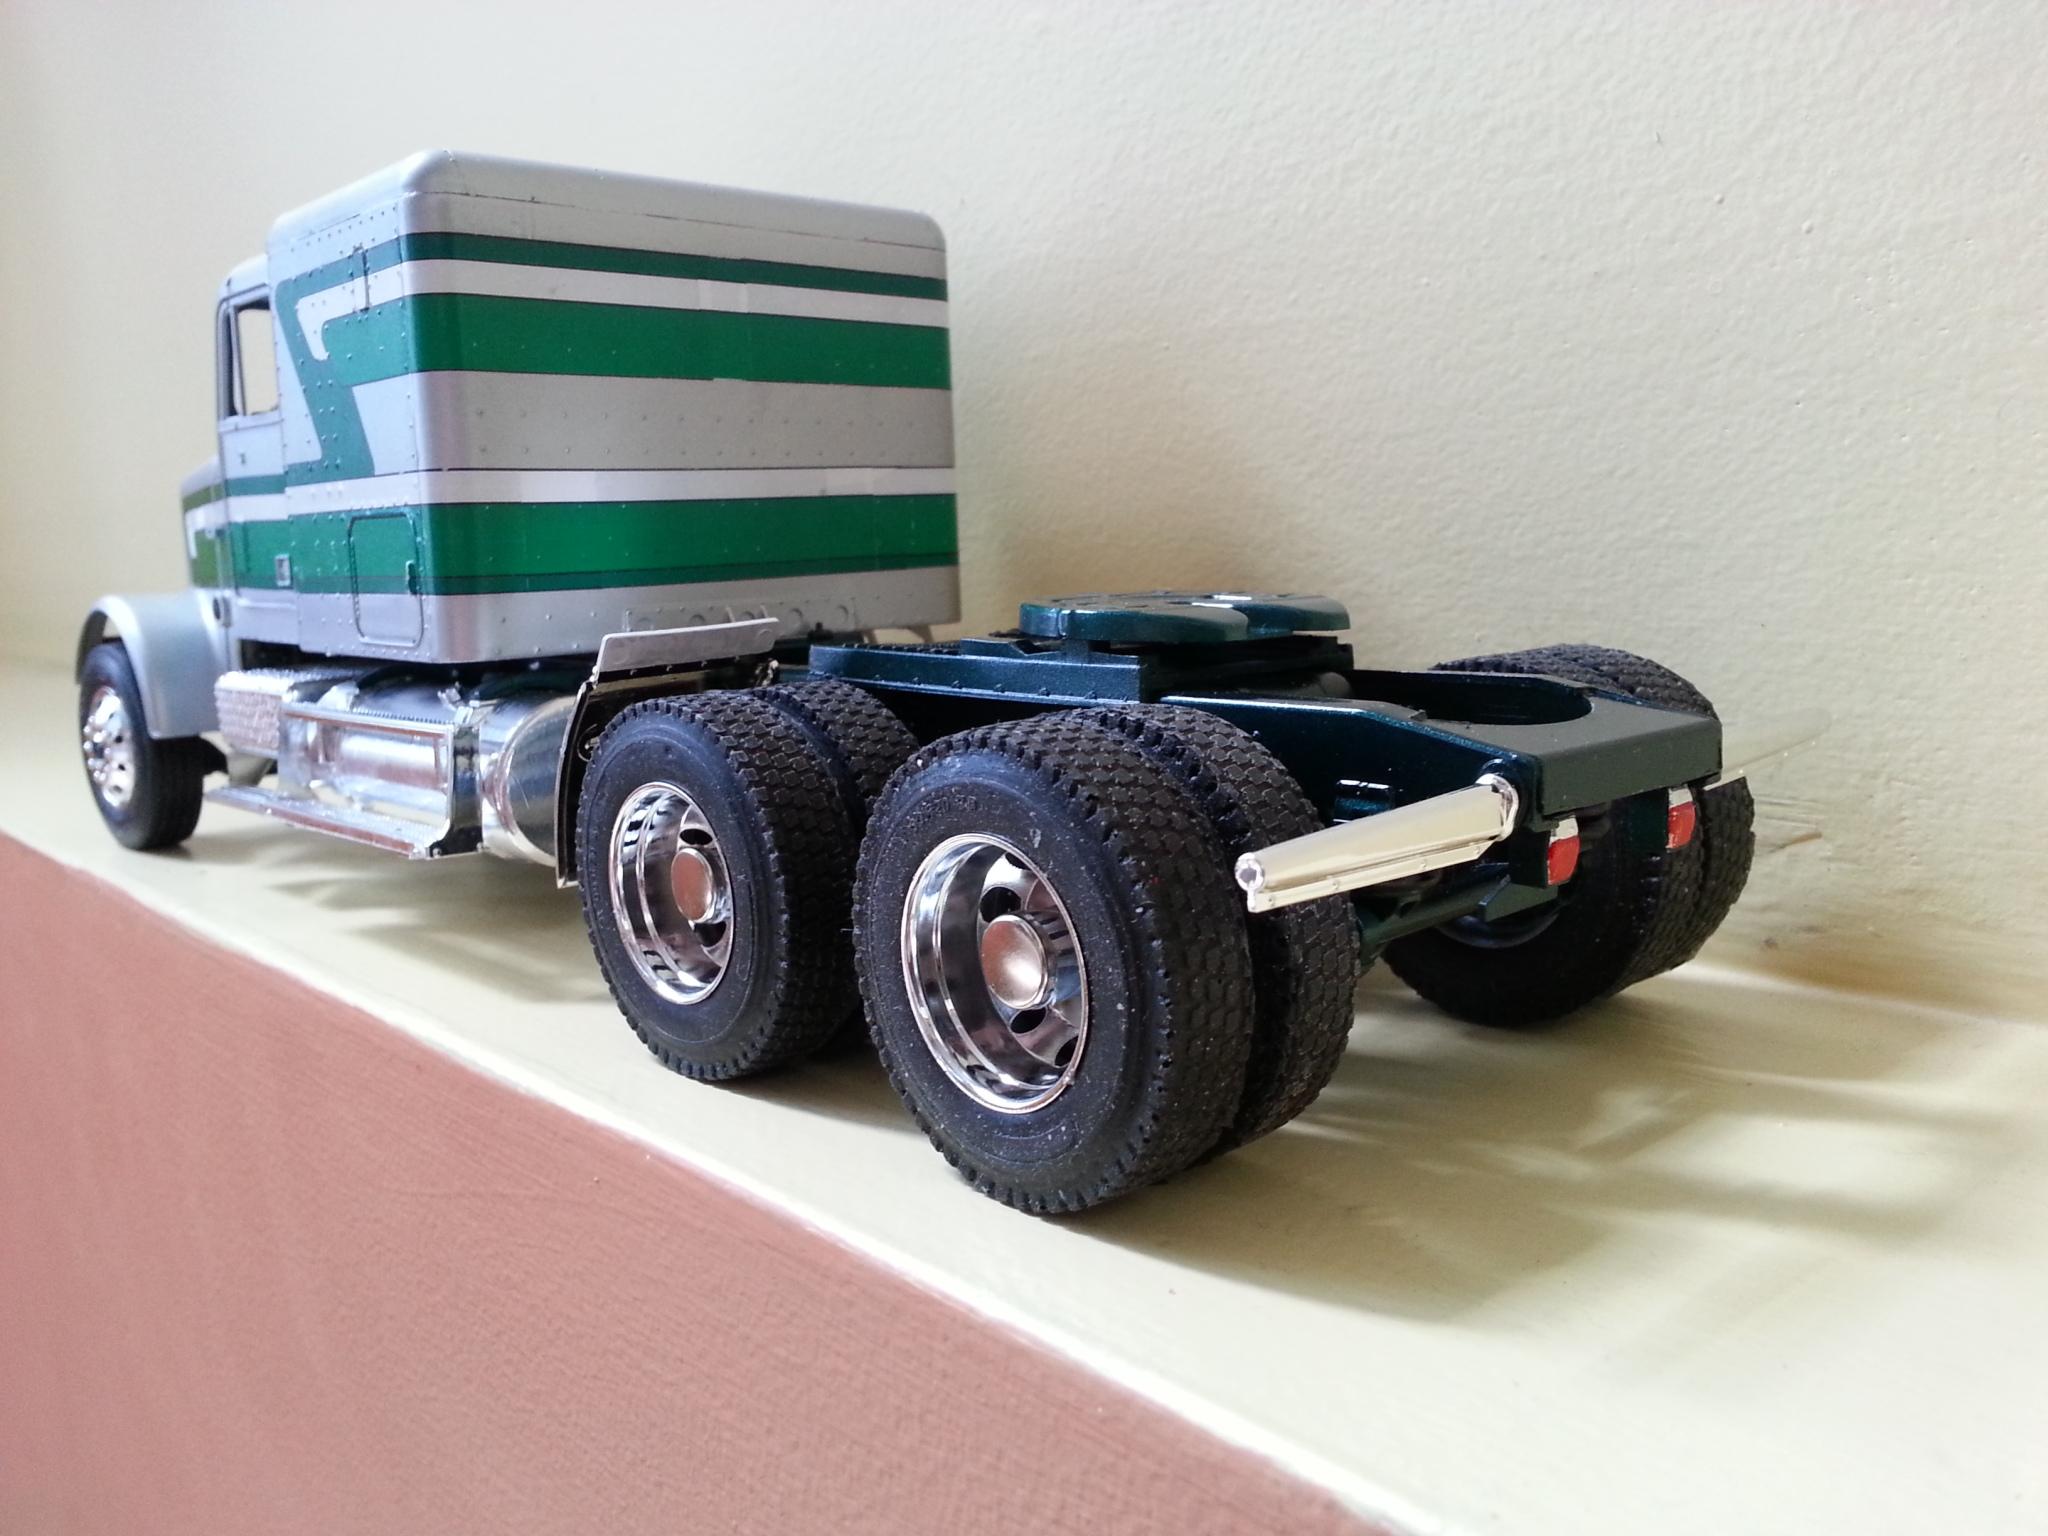 Freightliner FLC silver et vert 2u3uohk